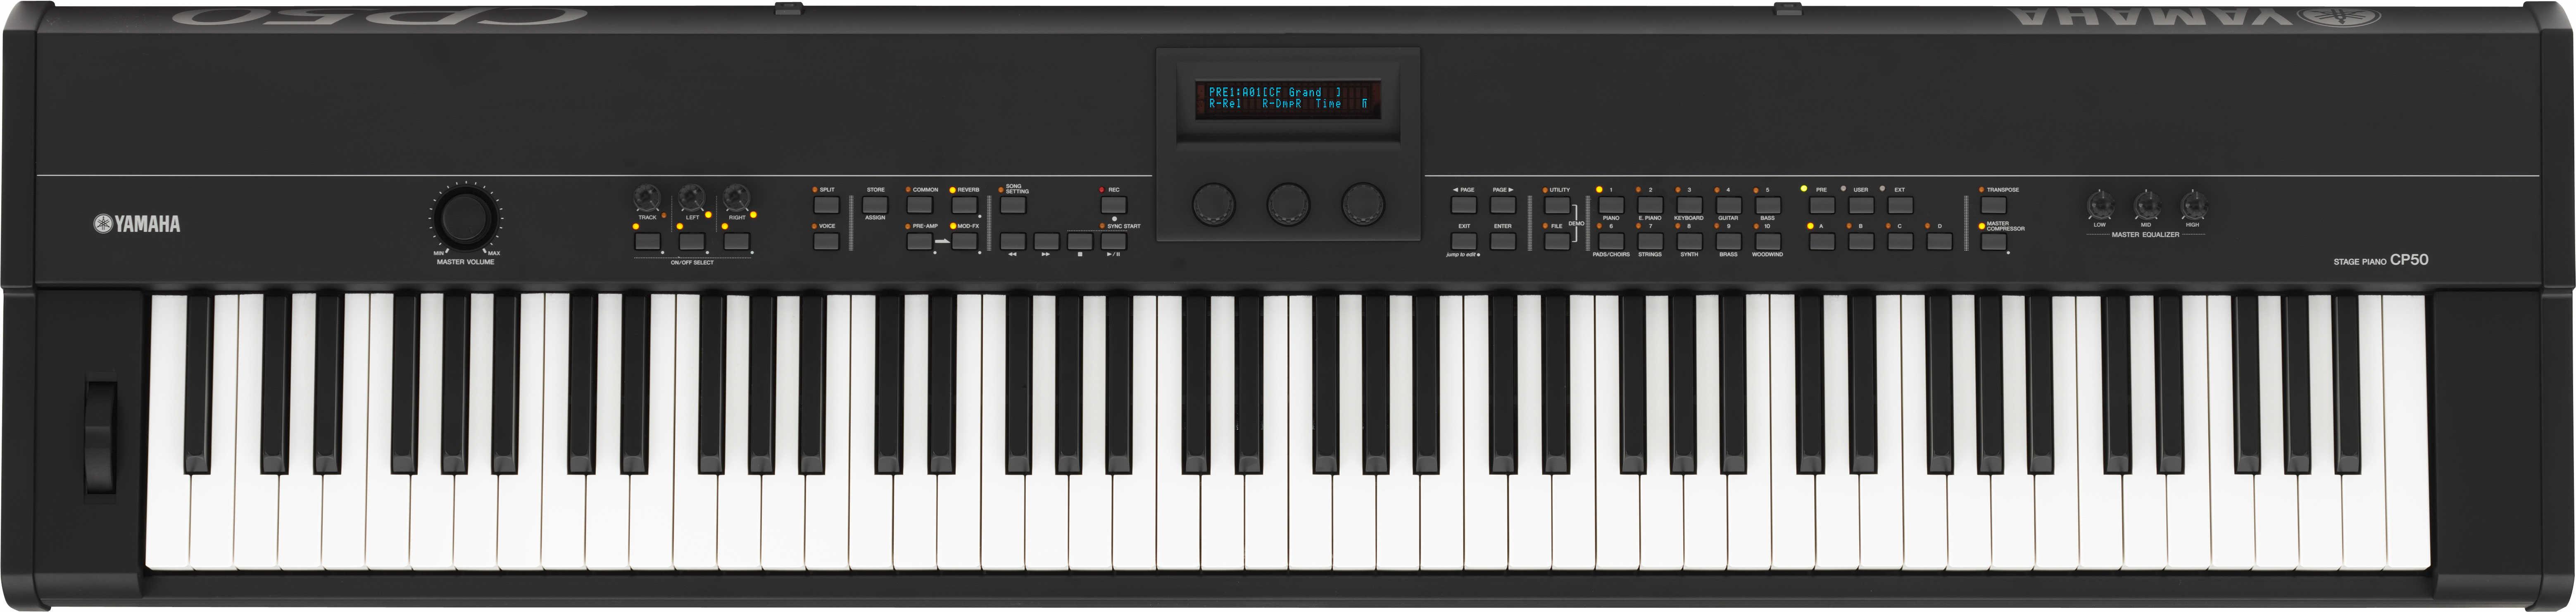 舞台电钢琴公司,舞台电钢琴供应商  供应雅马哈舞台电钢琴cp50主要图片